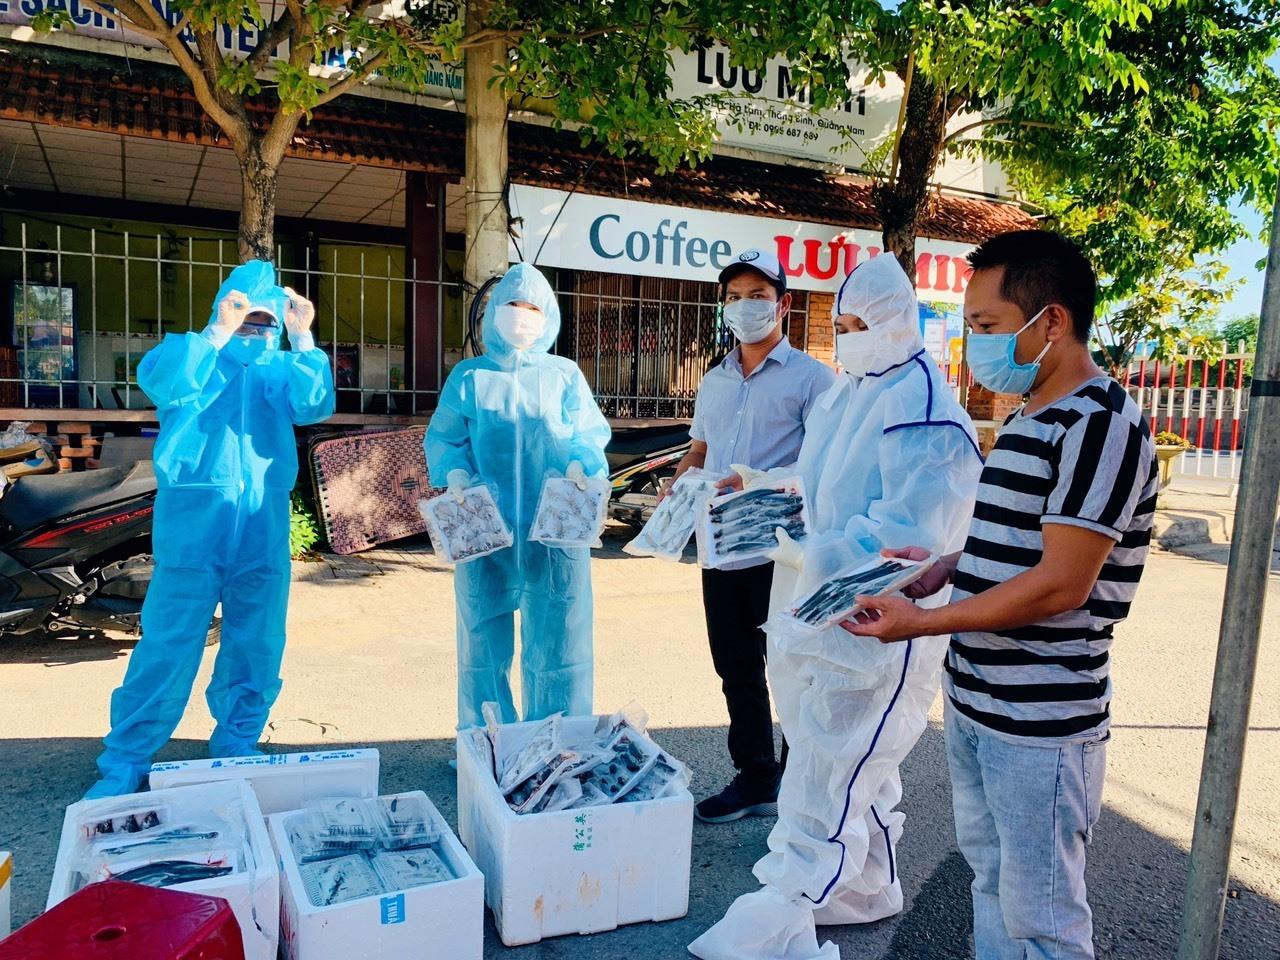 Thời gian qua anh Phan Văn Đức và nhóm tình nguyện cũng thường xuyên hỗ trợ thực phẩm cho người dân khu dân cư Lưu Minh (thị trấn Hà Lam) đang bị phong tỏa. Ảnh: H.A